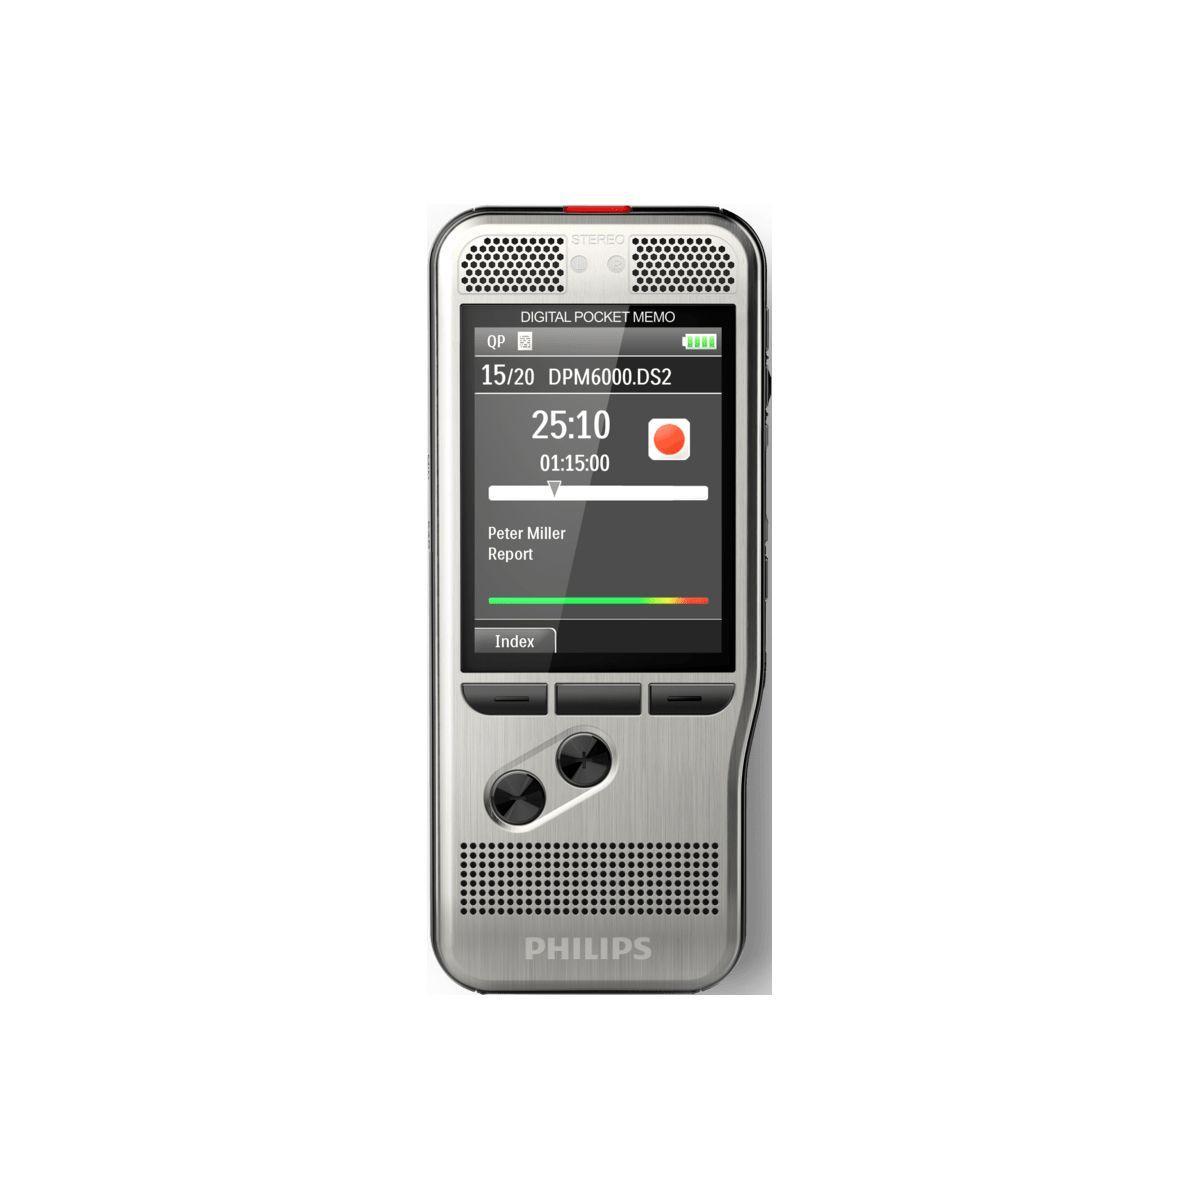 Dictaphone philips pocket-m�mo dpm6000 - 10% de remise imm�diate avec le code : school10 (photo)